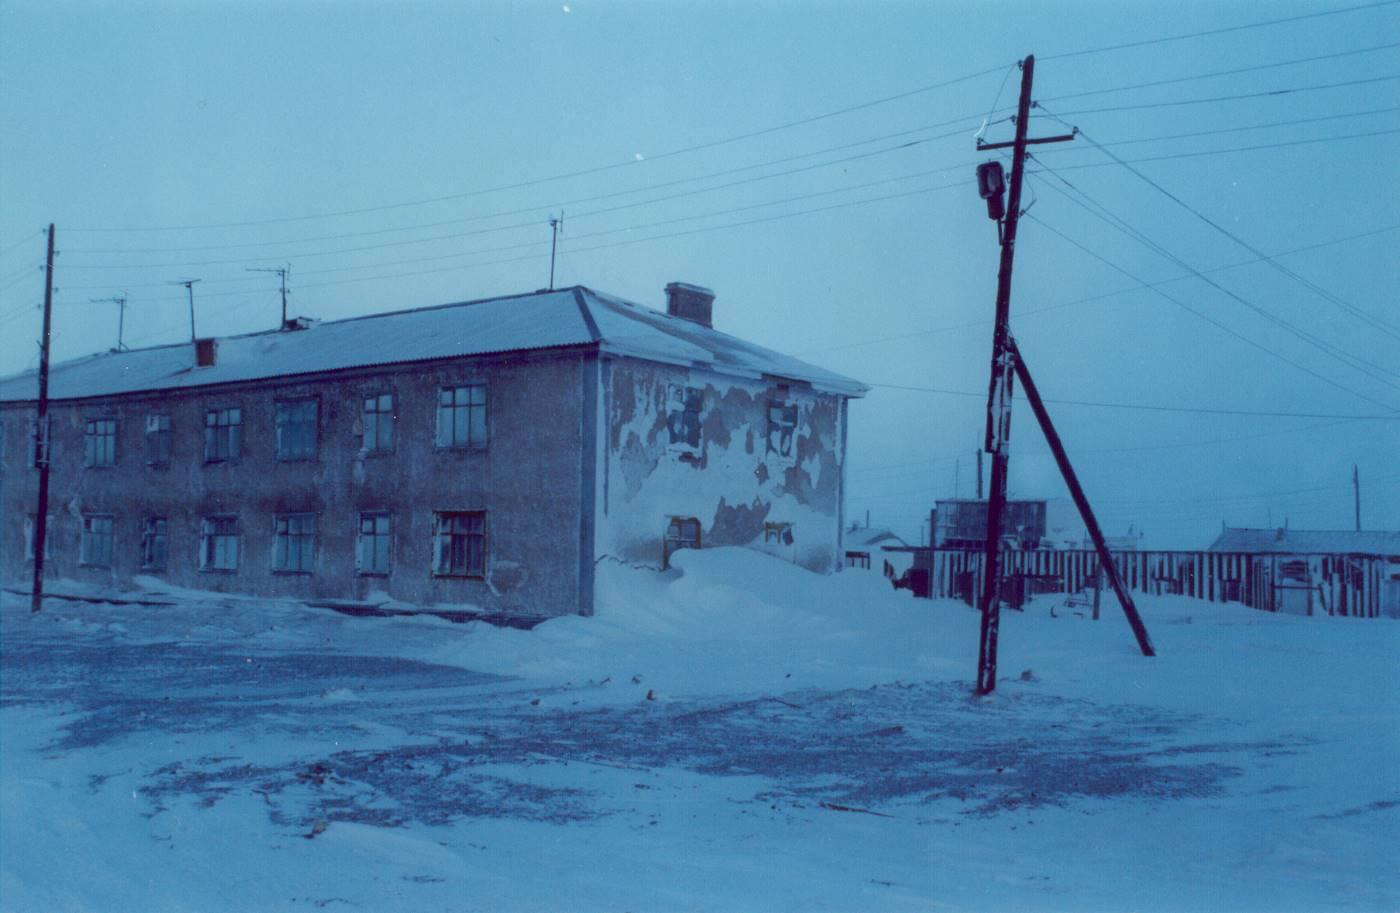 Лаврентия. Январь 2000. Фото Валерия Писигина